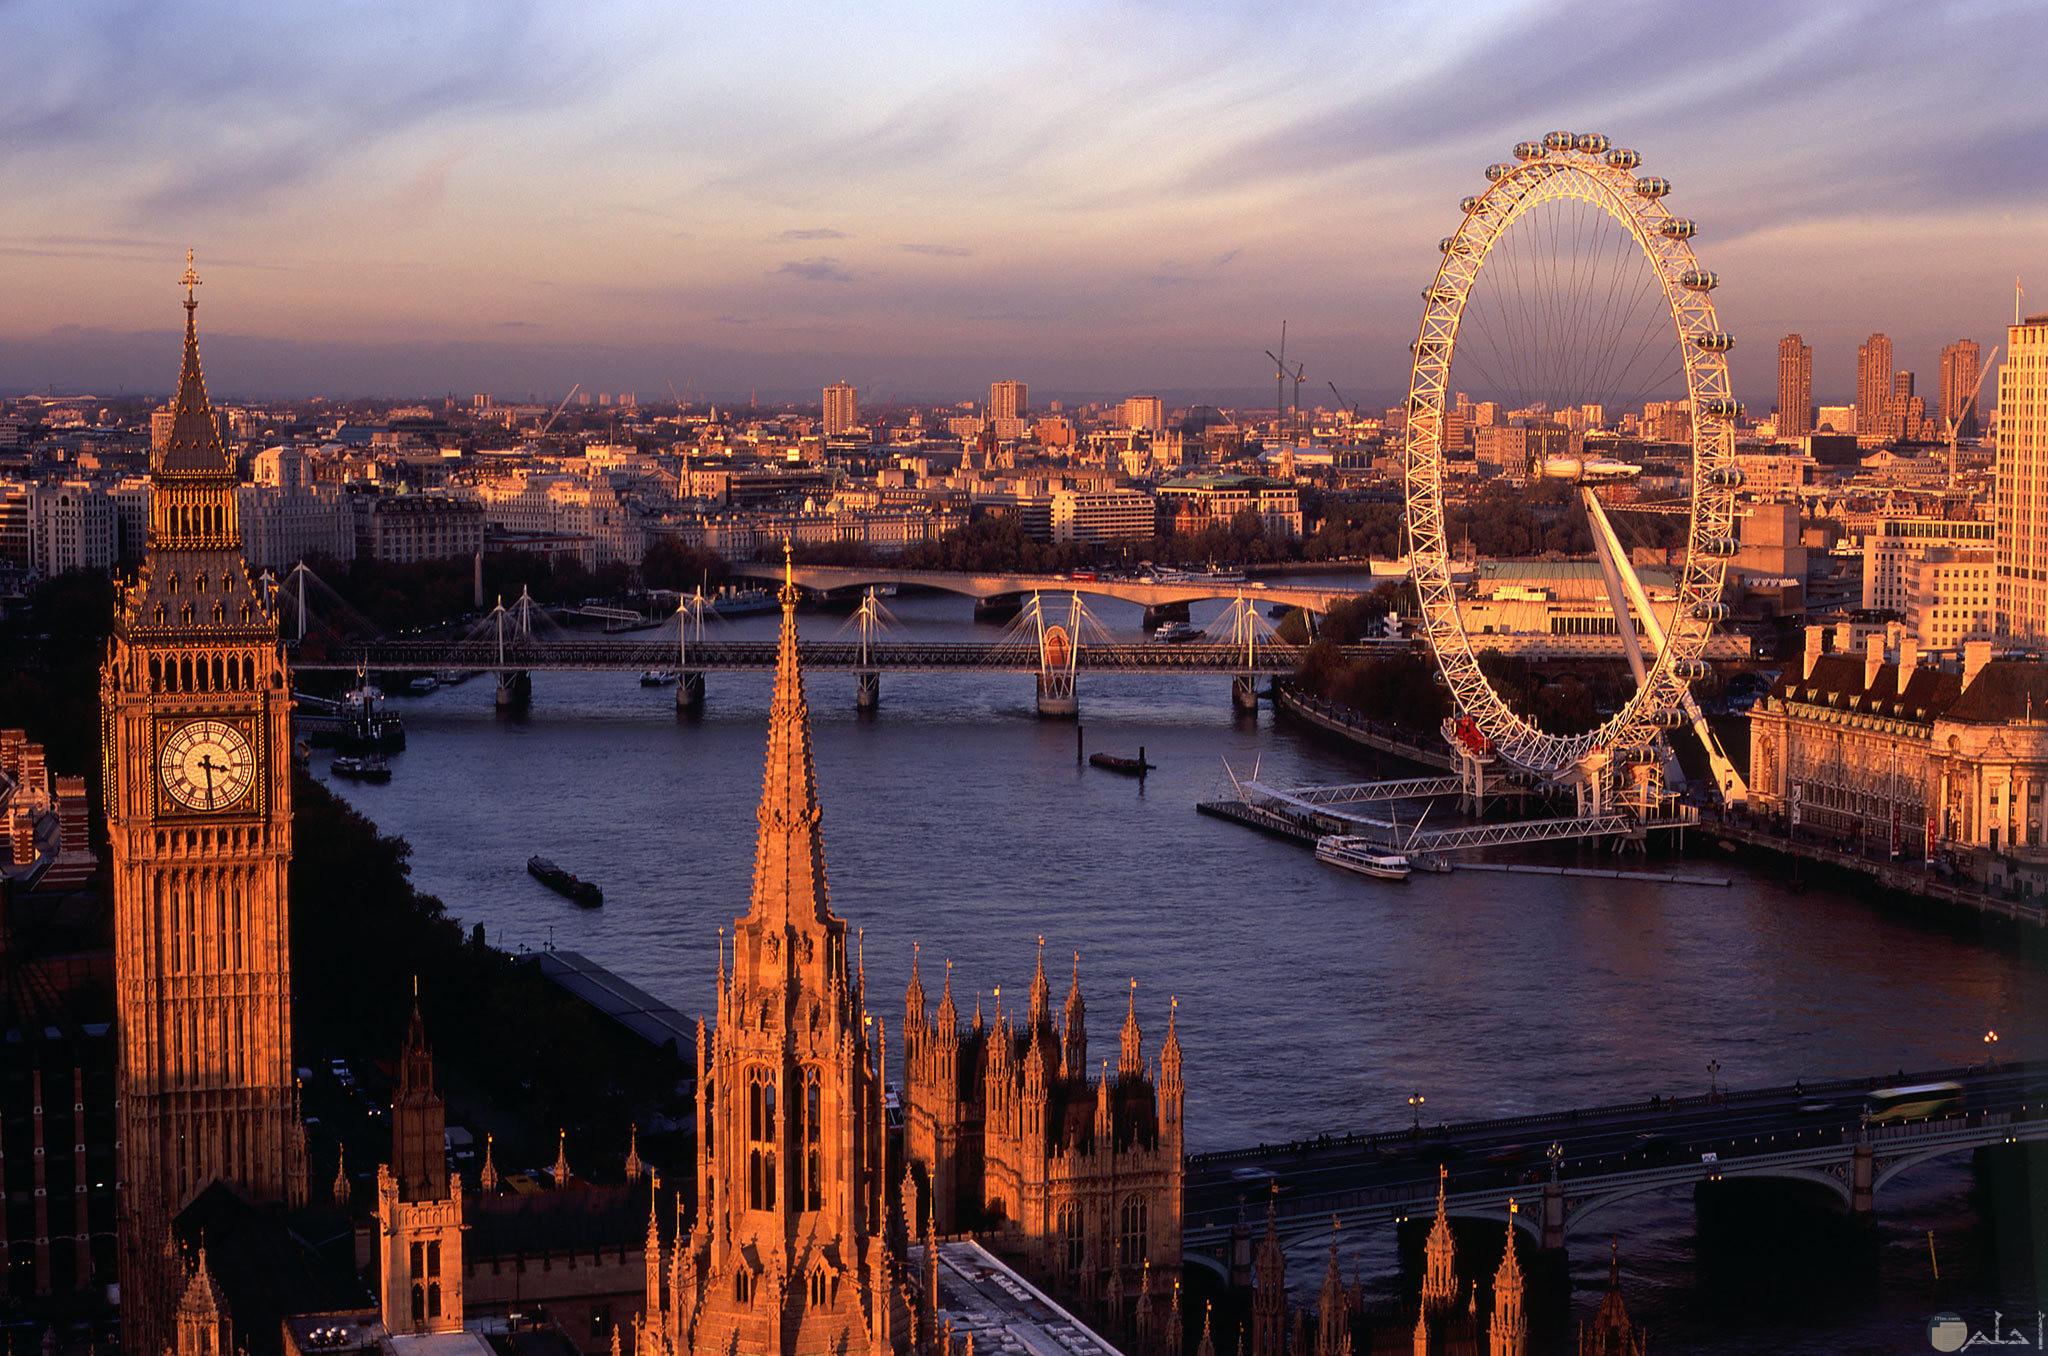 صورة جميلة لمعلم عين لندن وهي عجلة كبيرة عملاقة مشهورة ببريطانيا